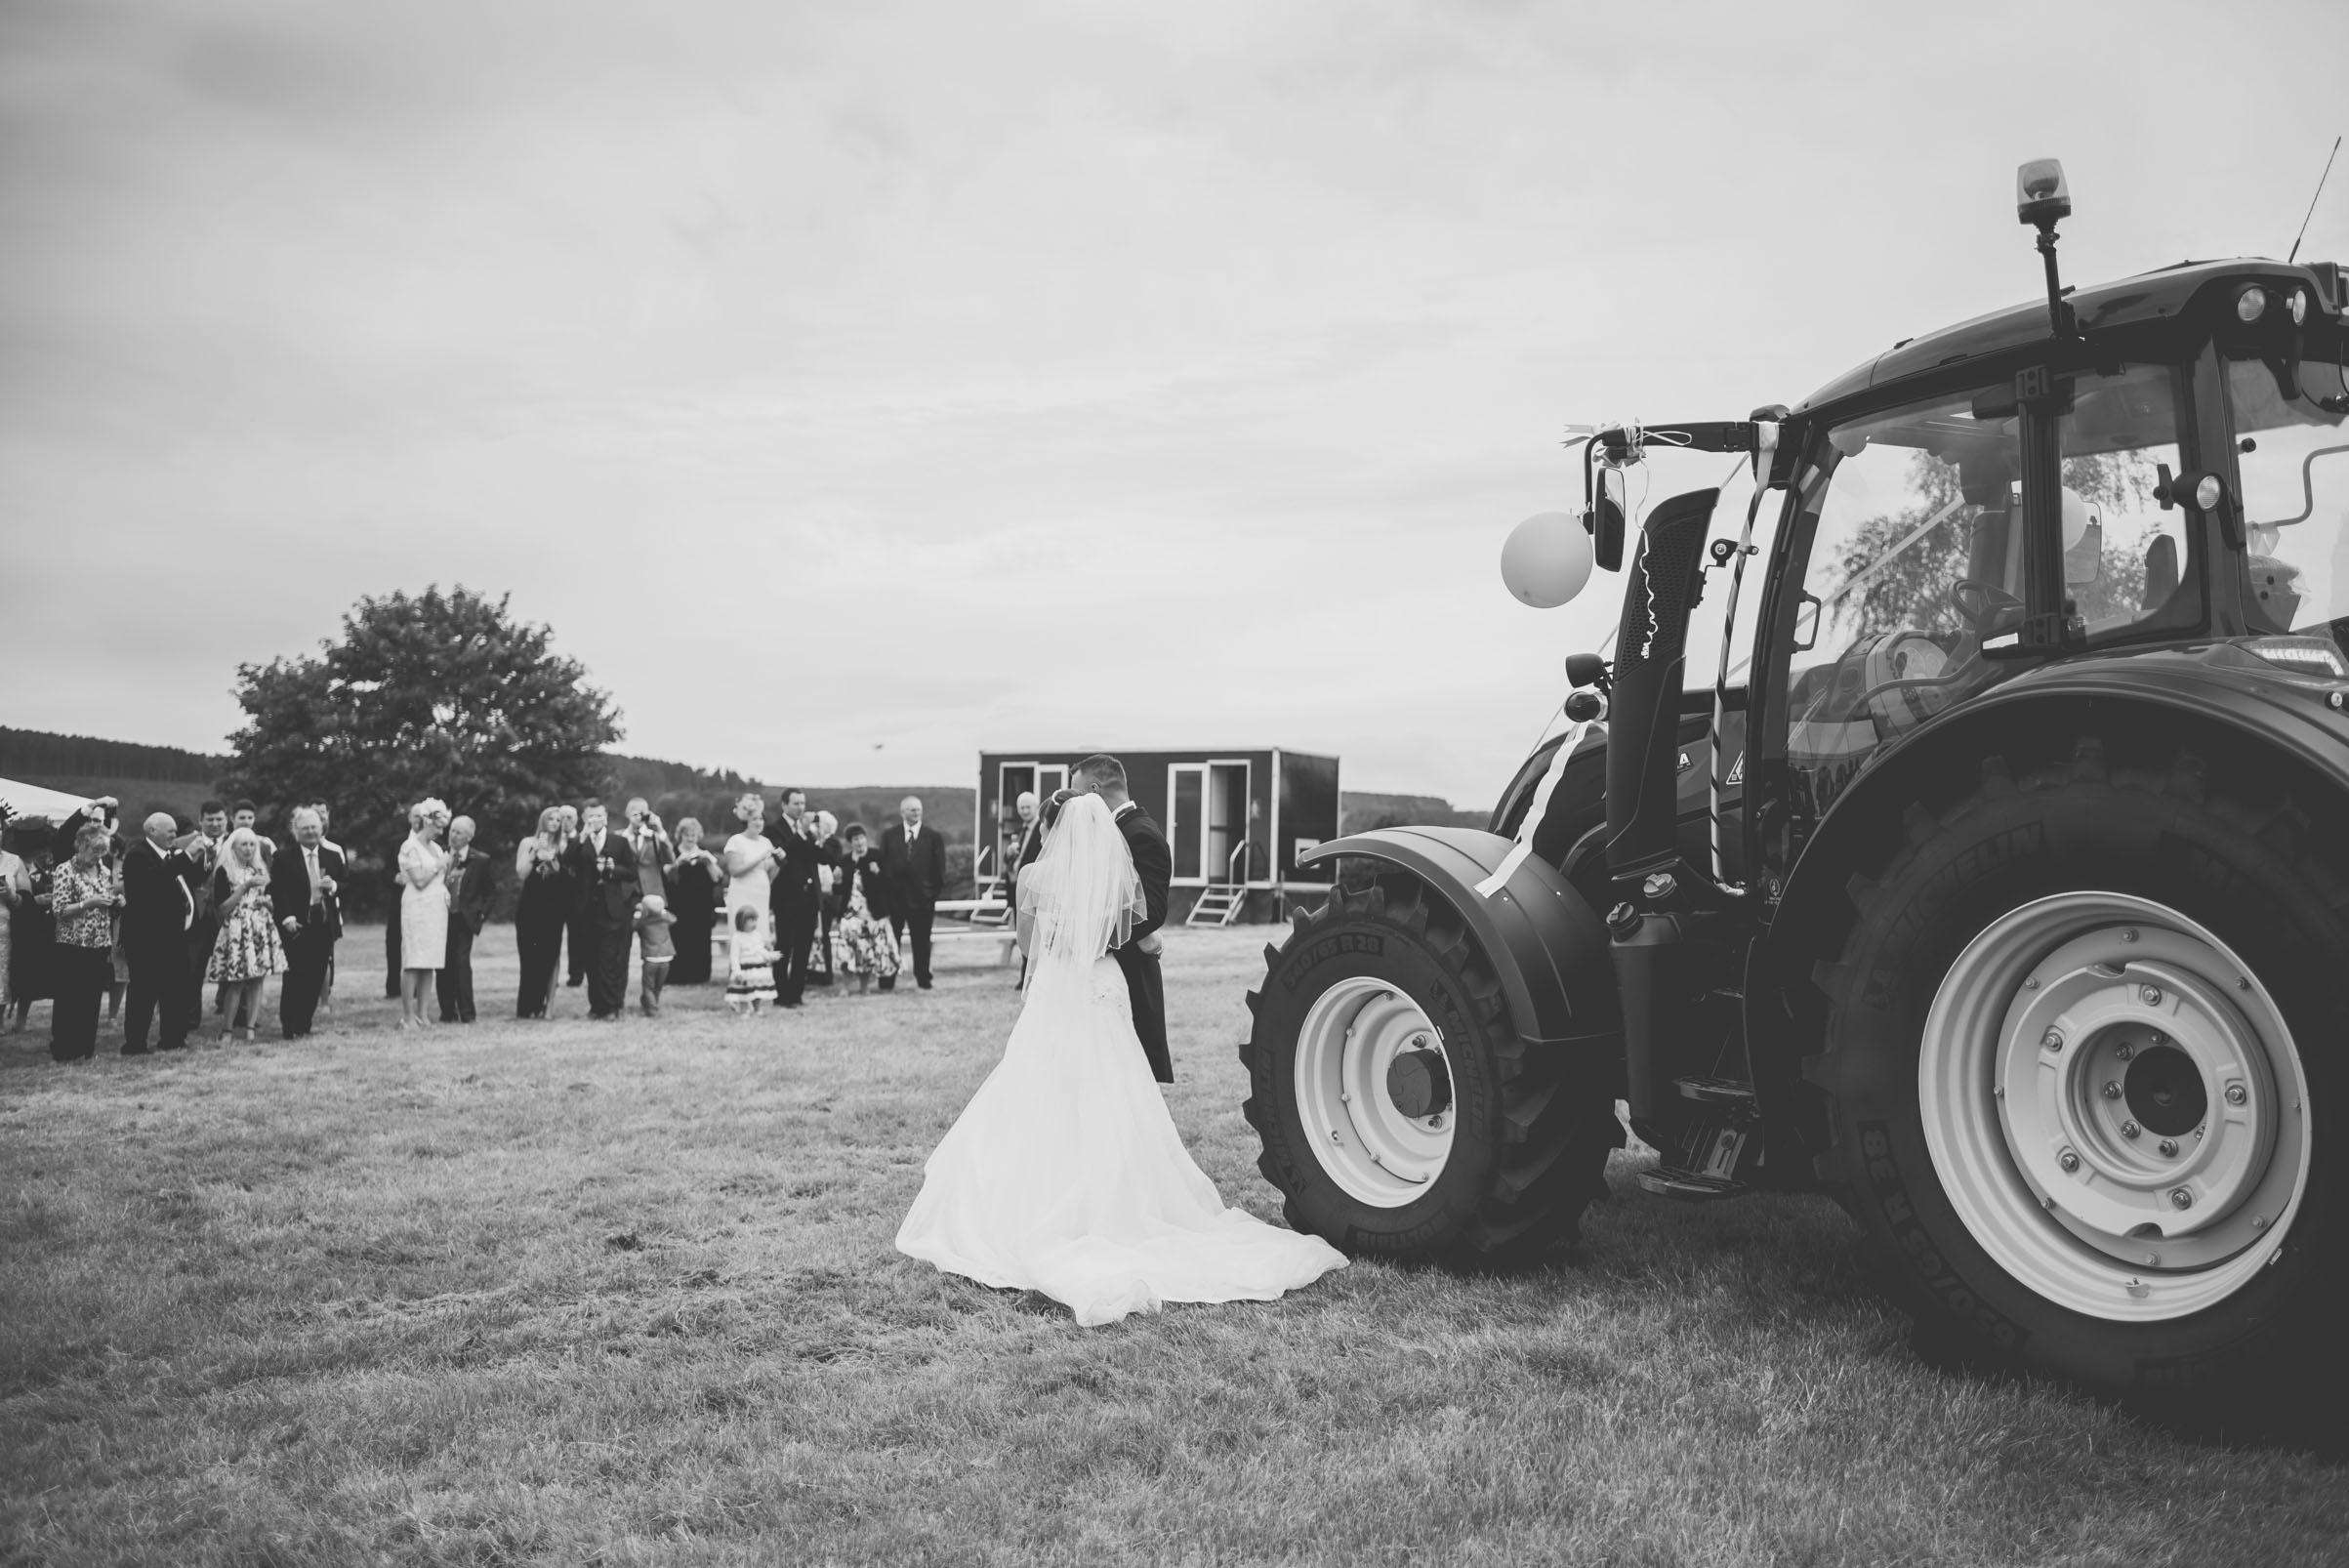 Farm-wedding-staffordshire-st-marys-catholic-church-uttoxter-57.jpg